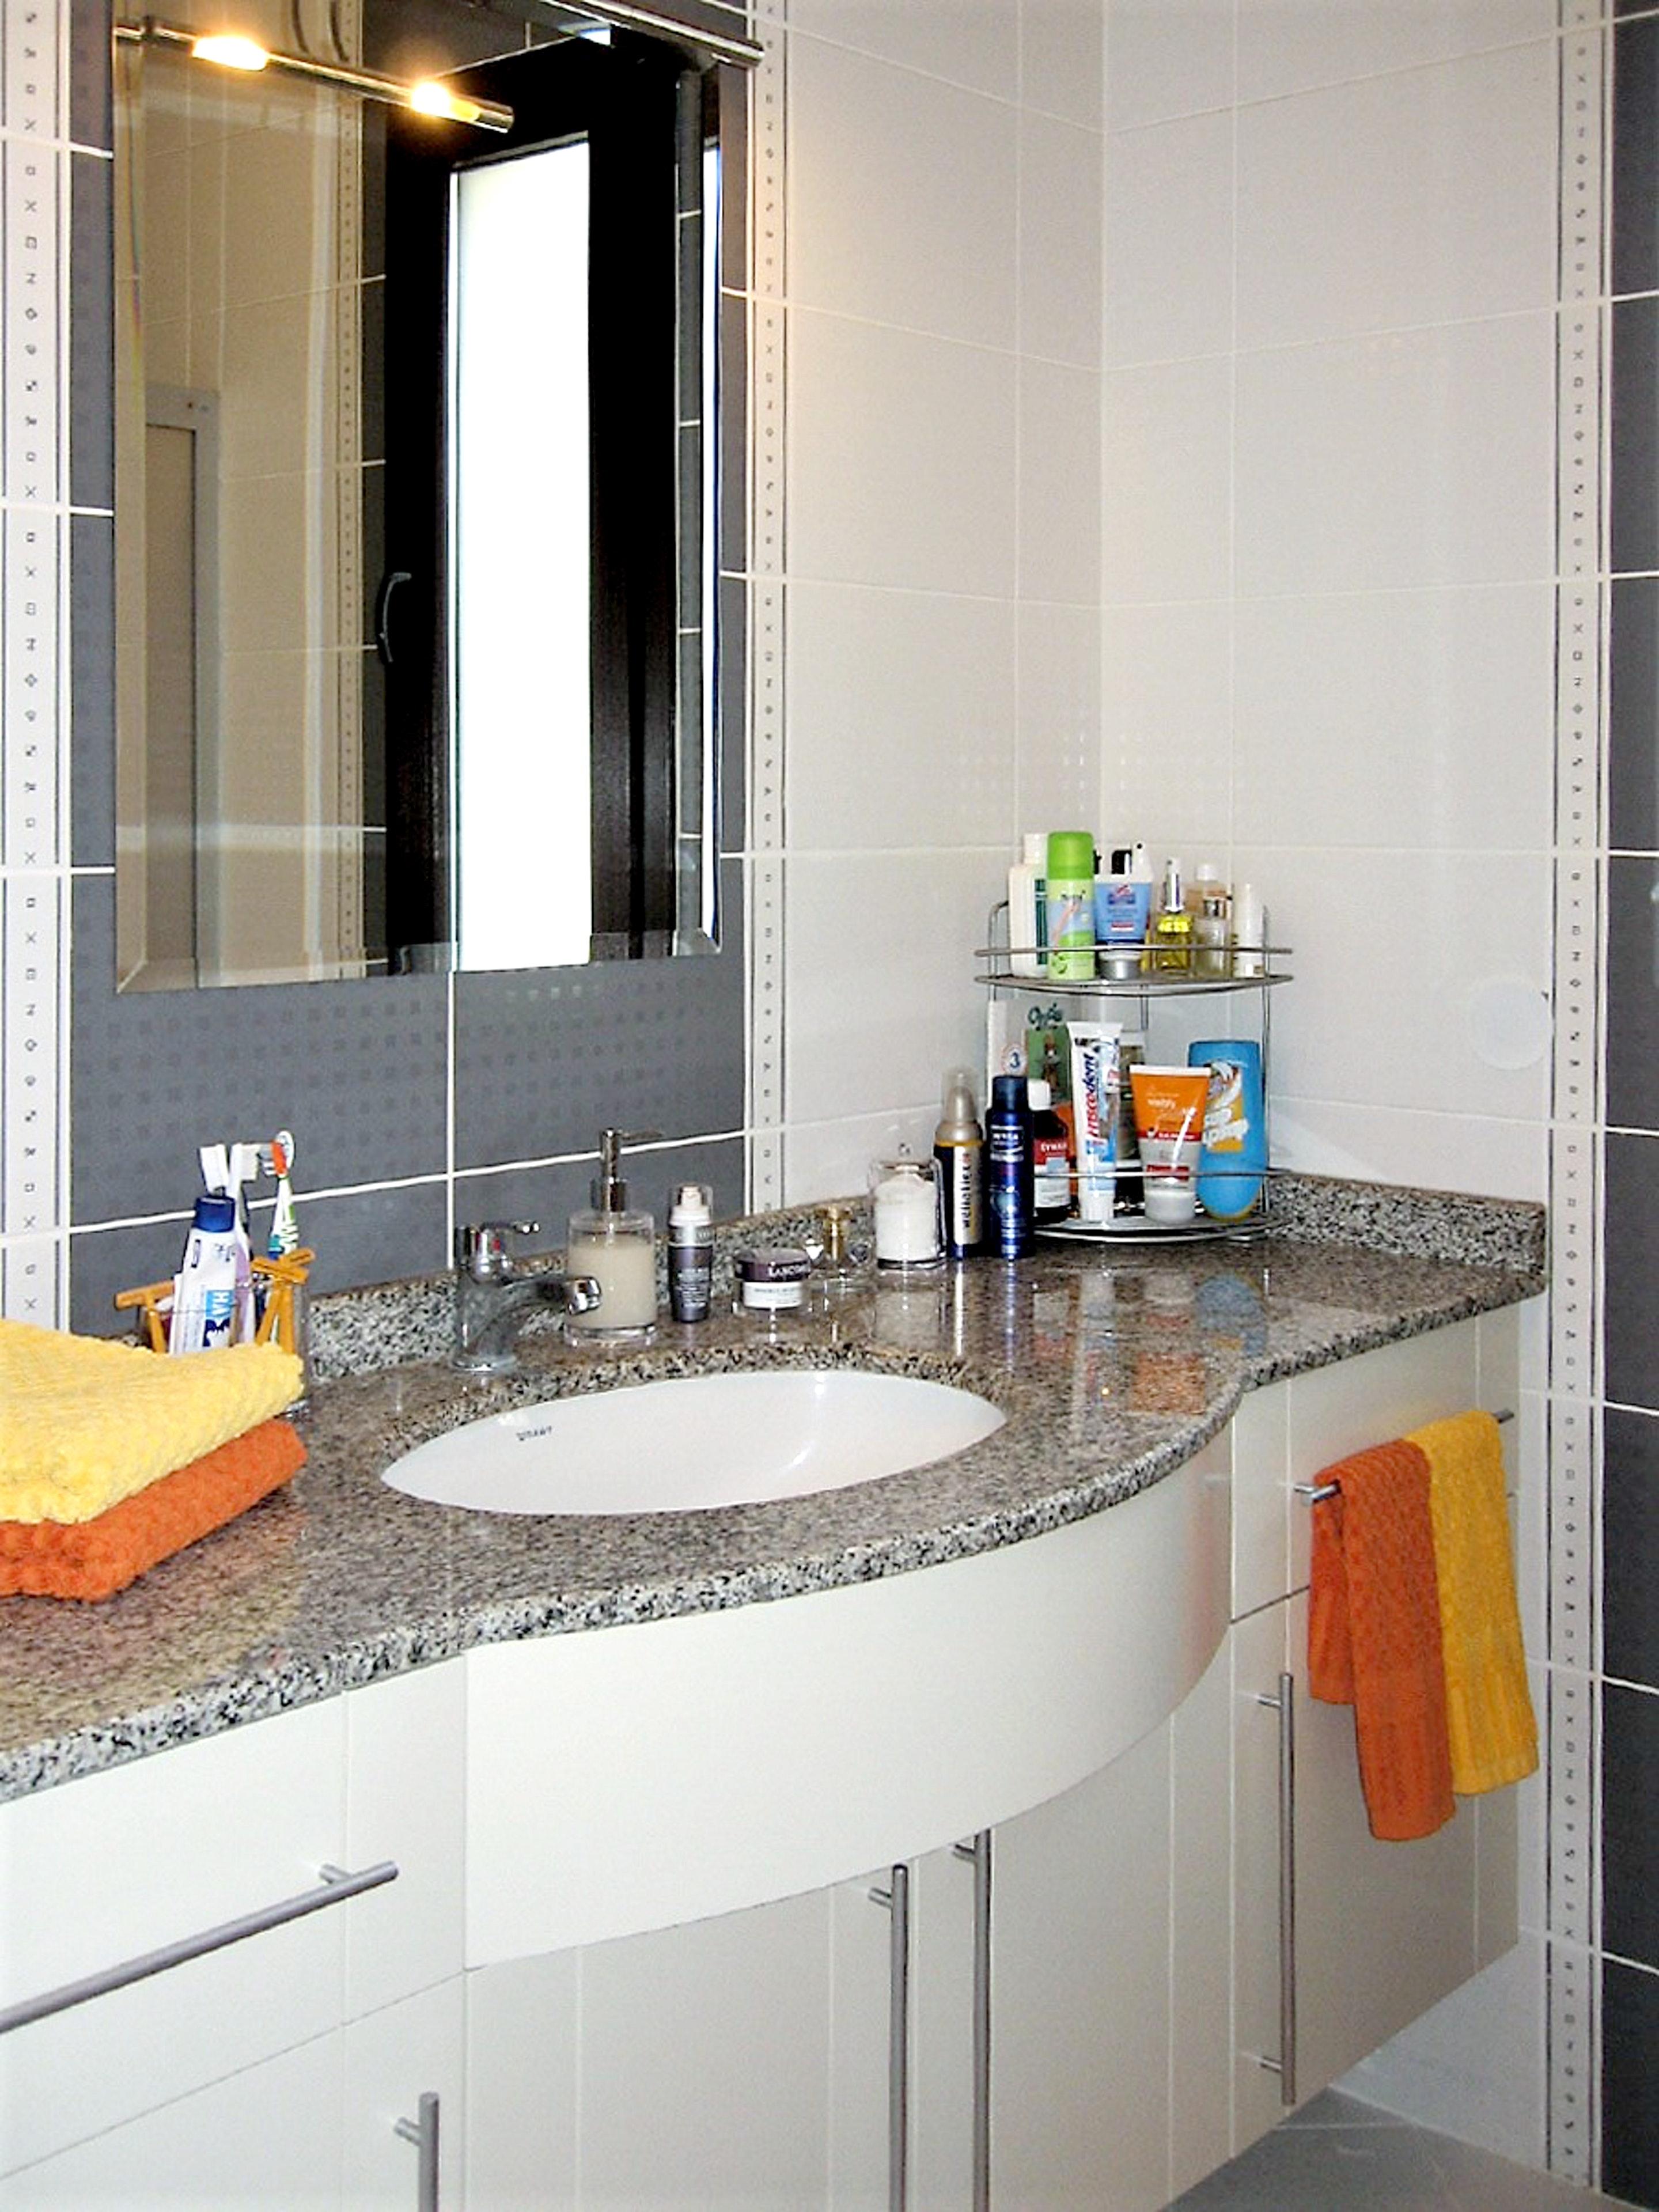 Ferienhaus Villa mit 3 Schlafzimmern in Turgutreis,Bodrum mit herrlichem Meerblick, Pool, eingezäunte (2202326), Turgutreis, , Ägäisregion, Türkei, Bild 20